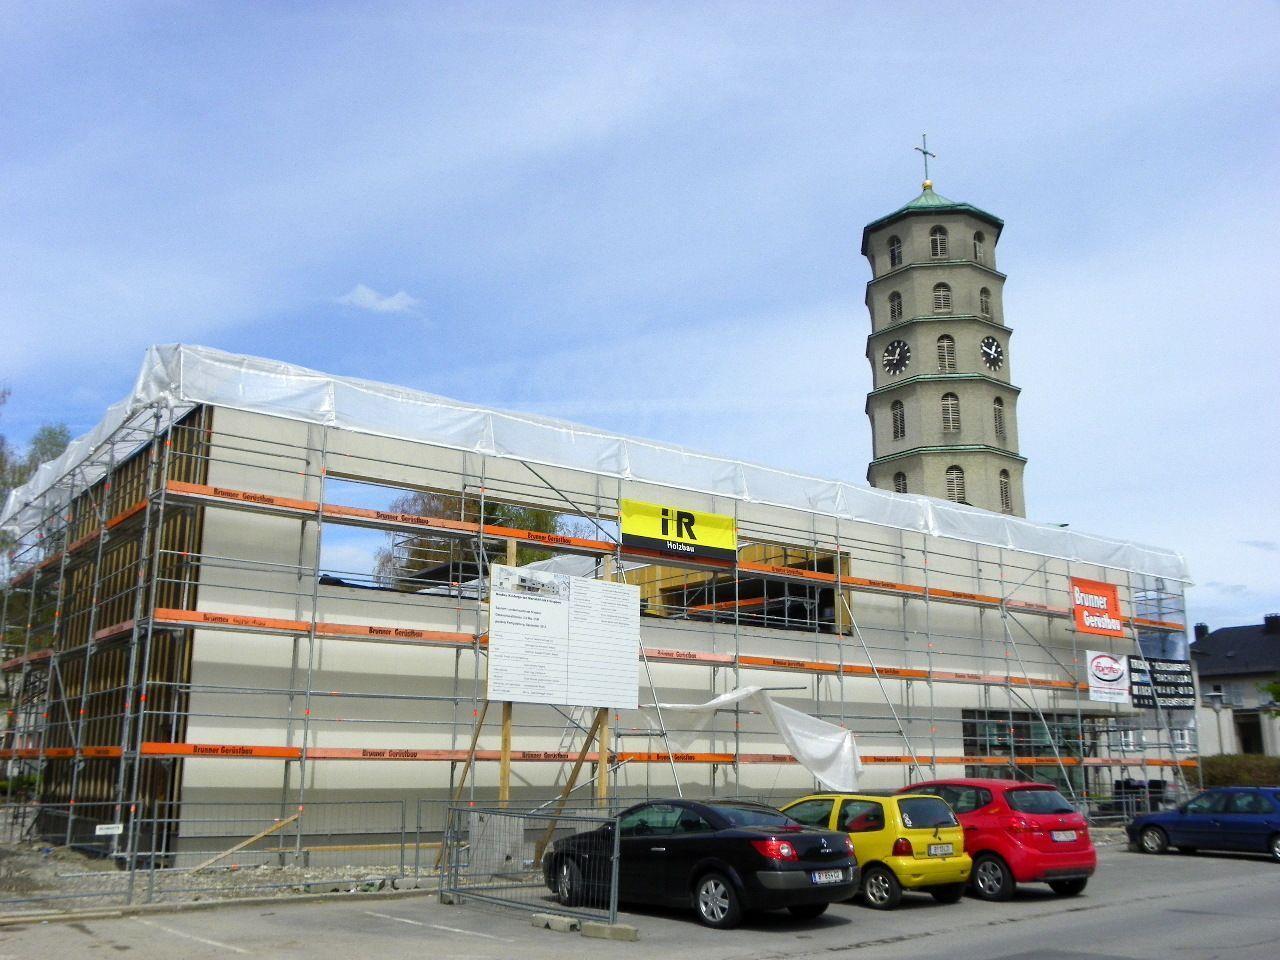 Fassadenarbeiten gehen voran